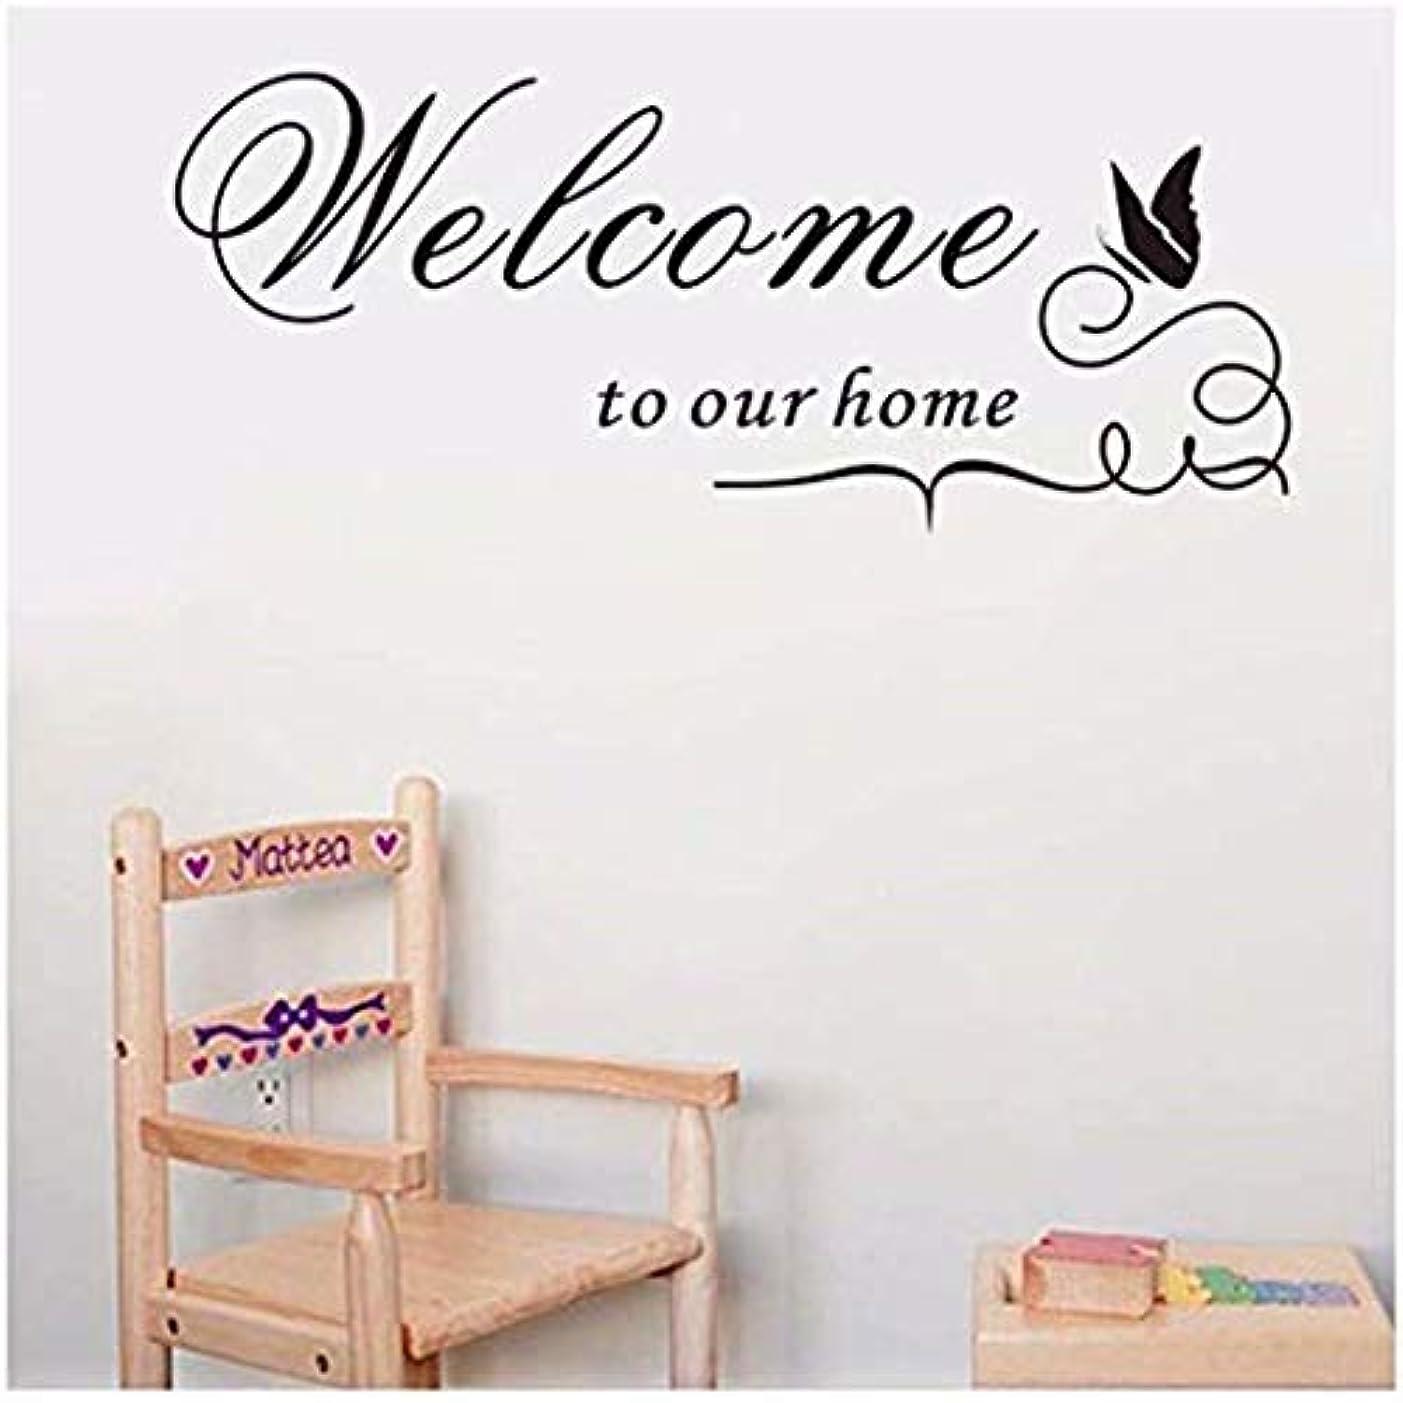 湾王女トピック七里の香 プレミアム ウォールステッカー 壁紙シール ウォールシールWelcome to Our Home 便利